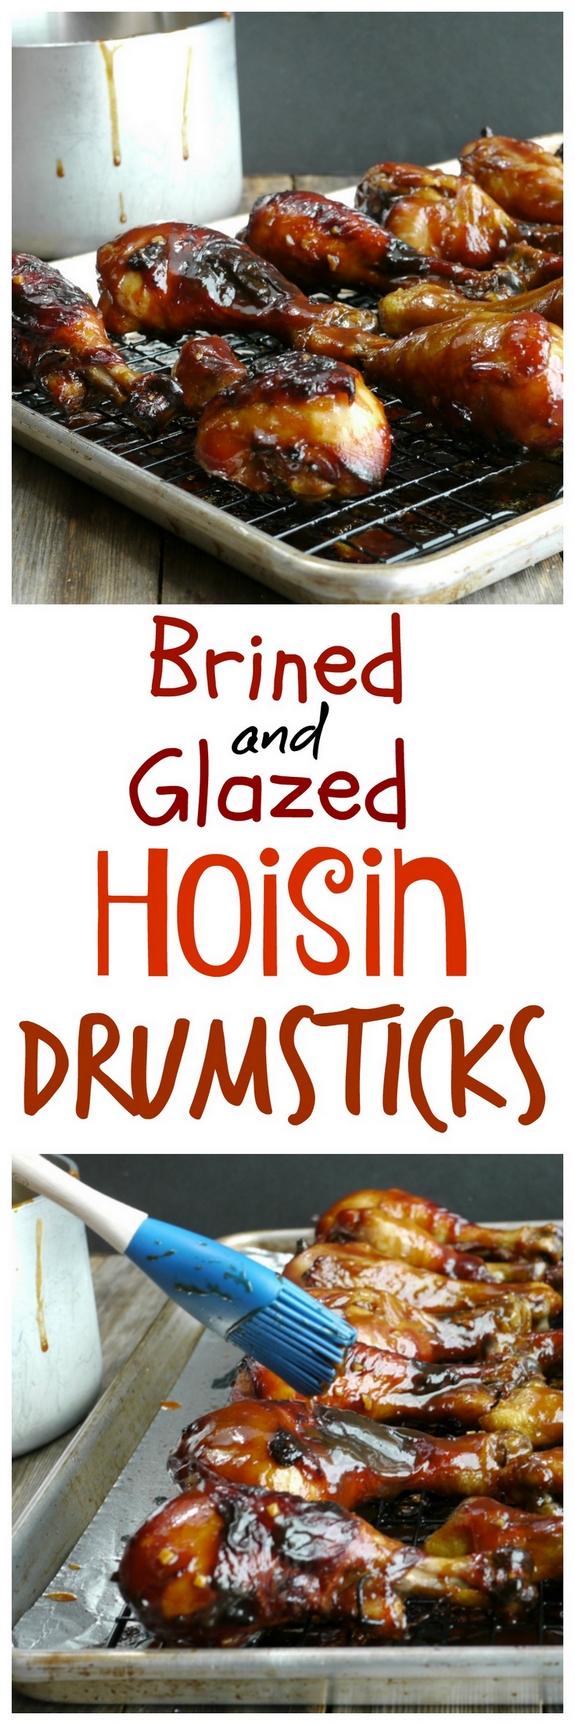 Brined and Glazed Hoisin Drumsticks